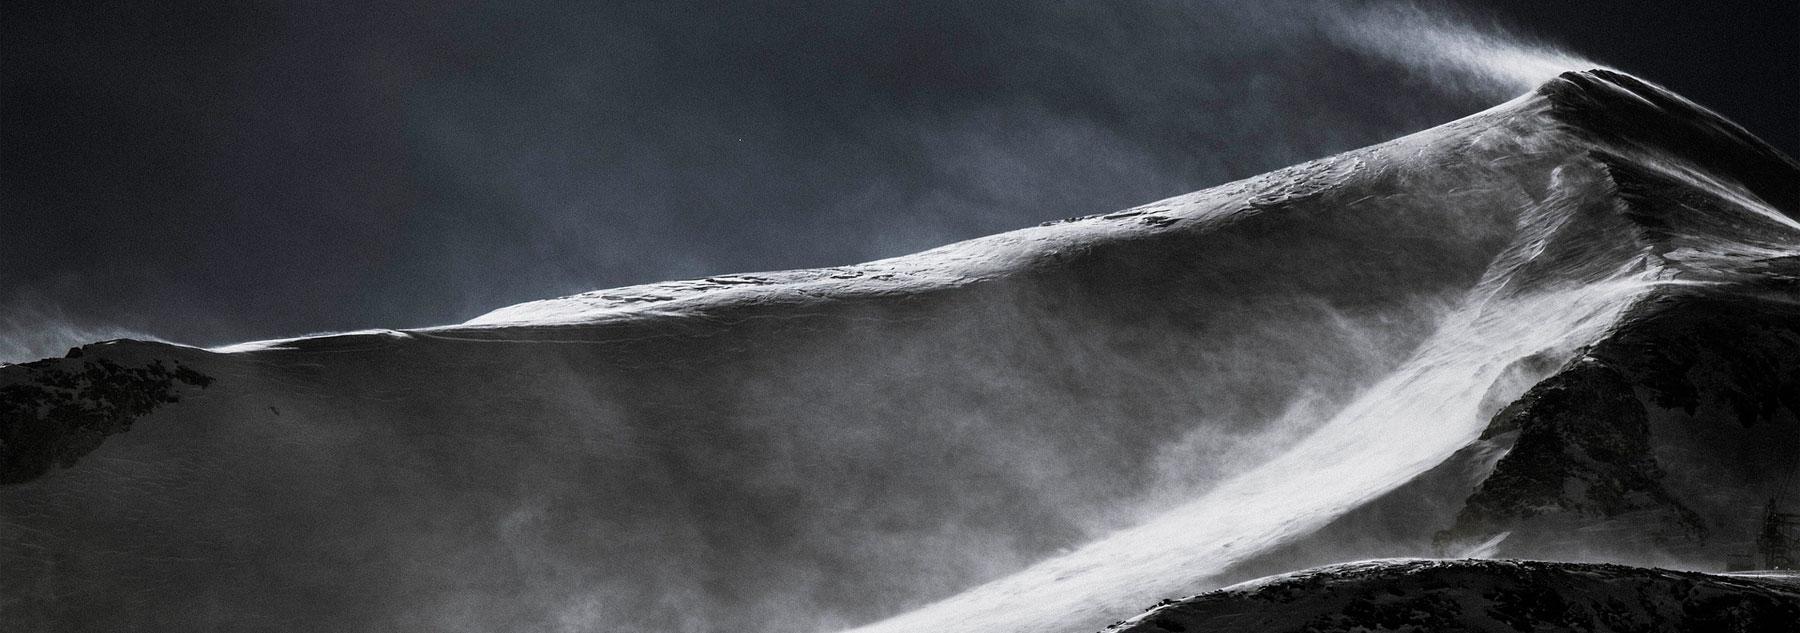 montaña blanco negro